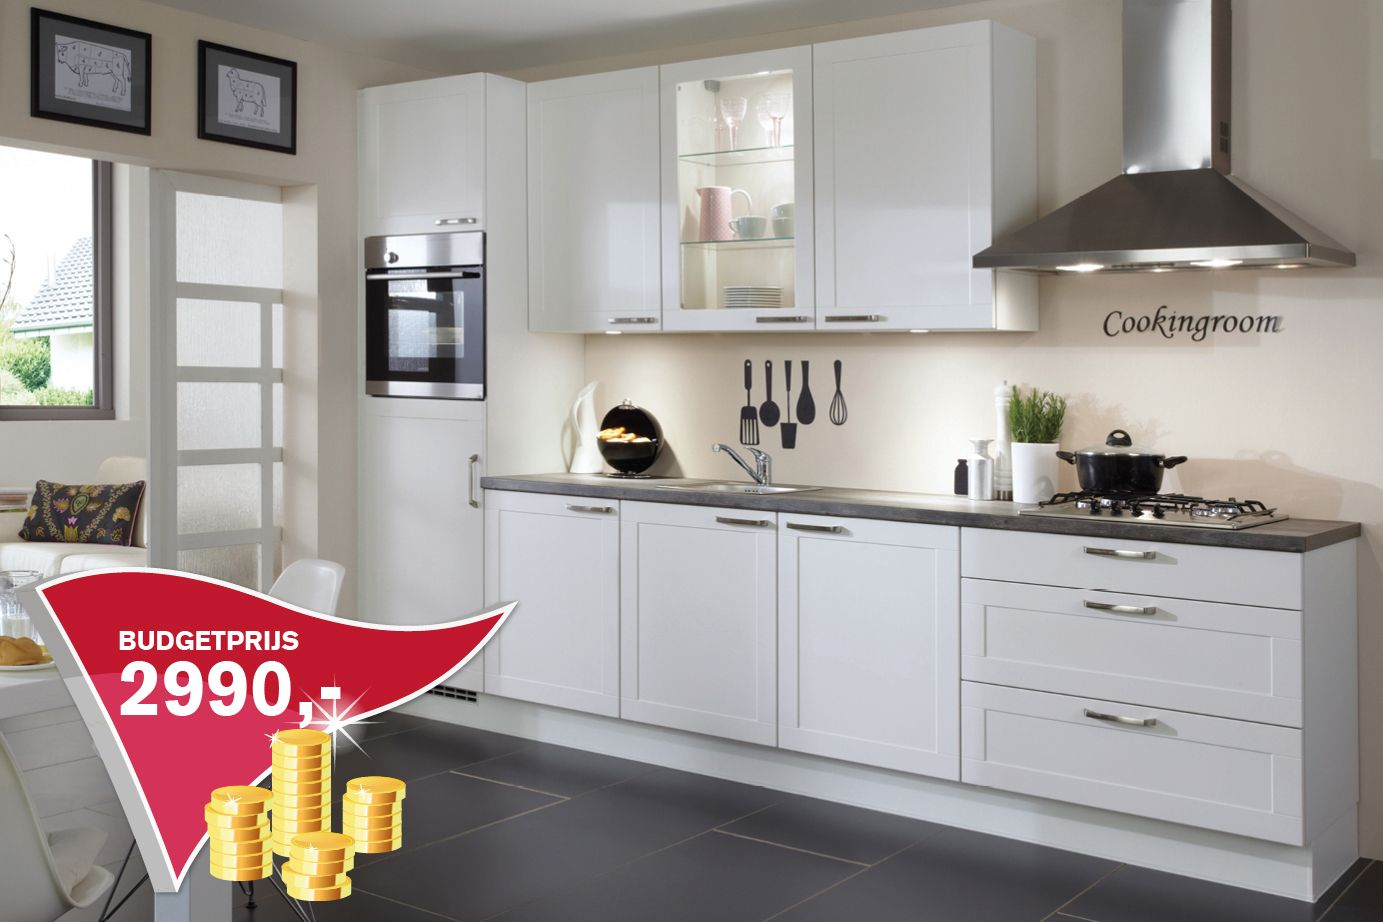 Rechte keuken wilt u een uitgekiende prijs db keukens house kitchen pinterest prijs - Kleine keuken ideeen ...